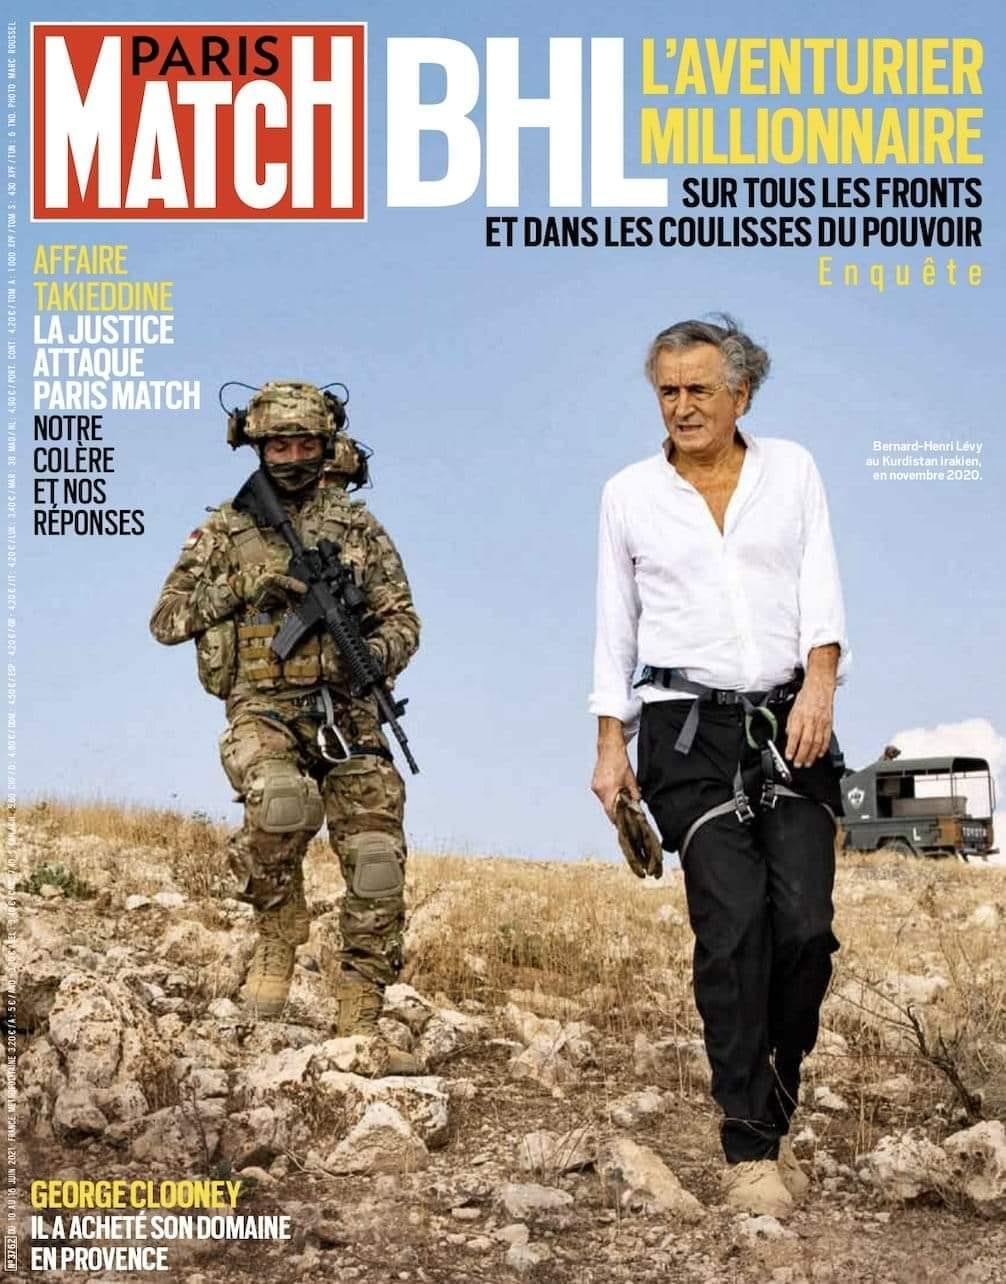 """""""Paris Match"""" se ridiculise en servant la soupe à """"BHL, l'aventurier millionnaire sur tous les fronts et dans les coulisses du pouvoir"""""""